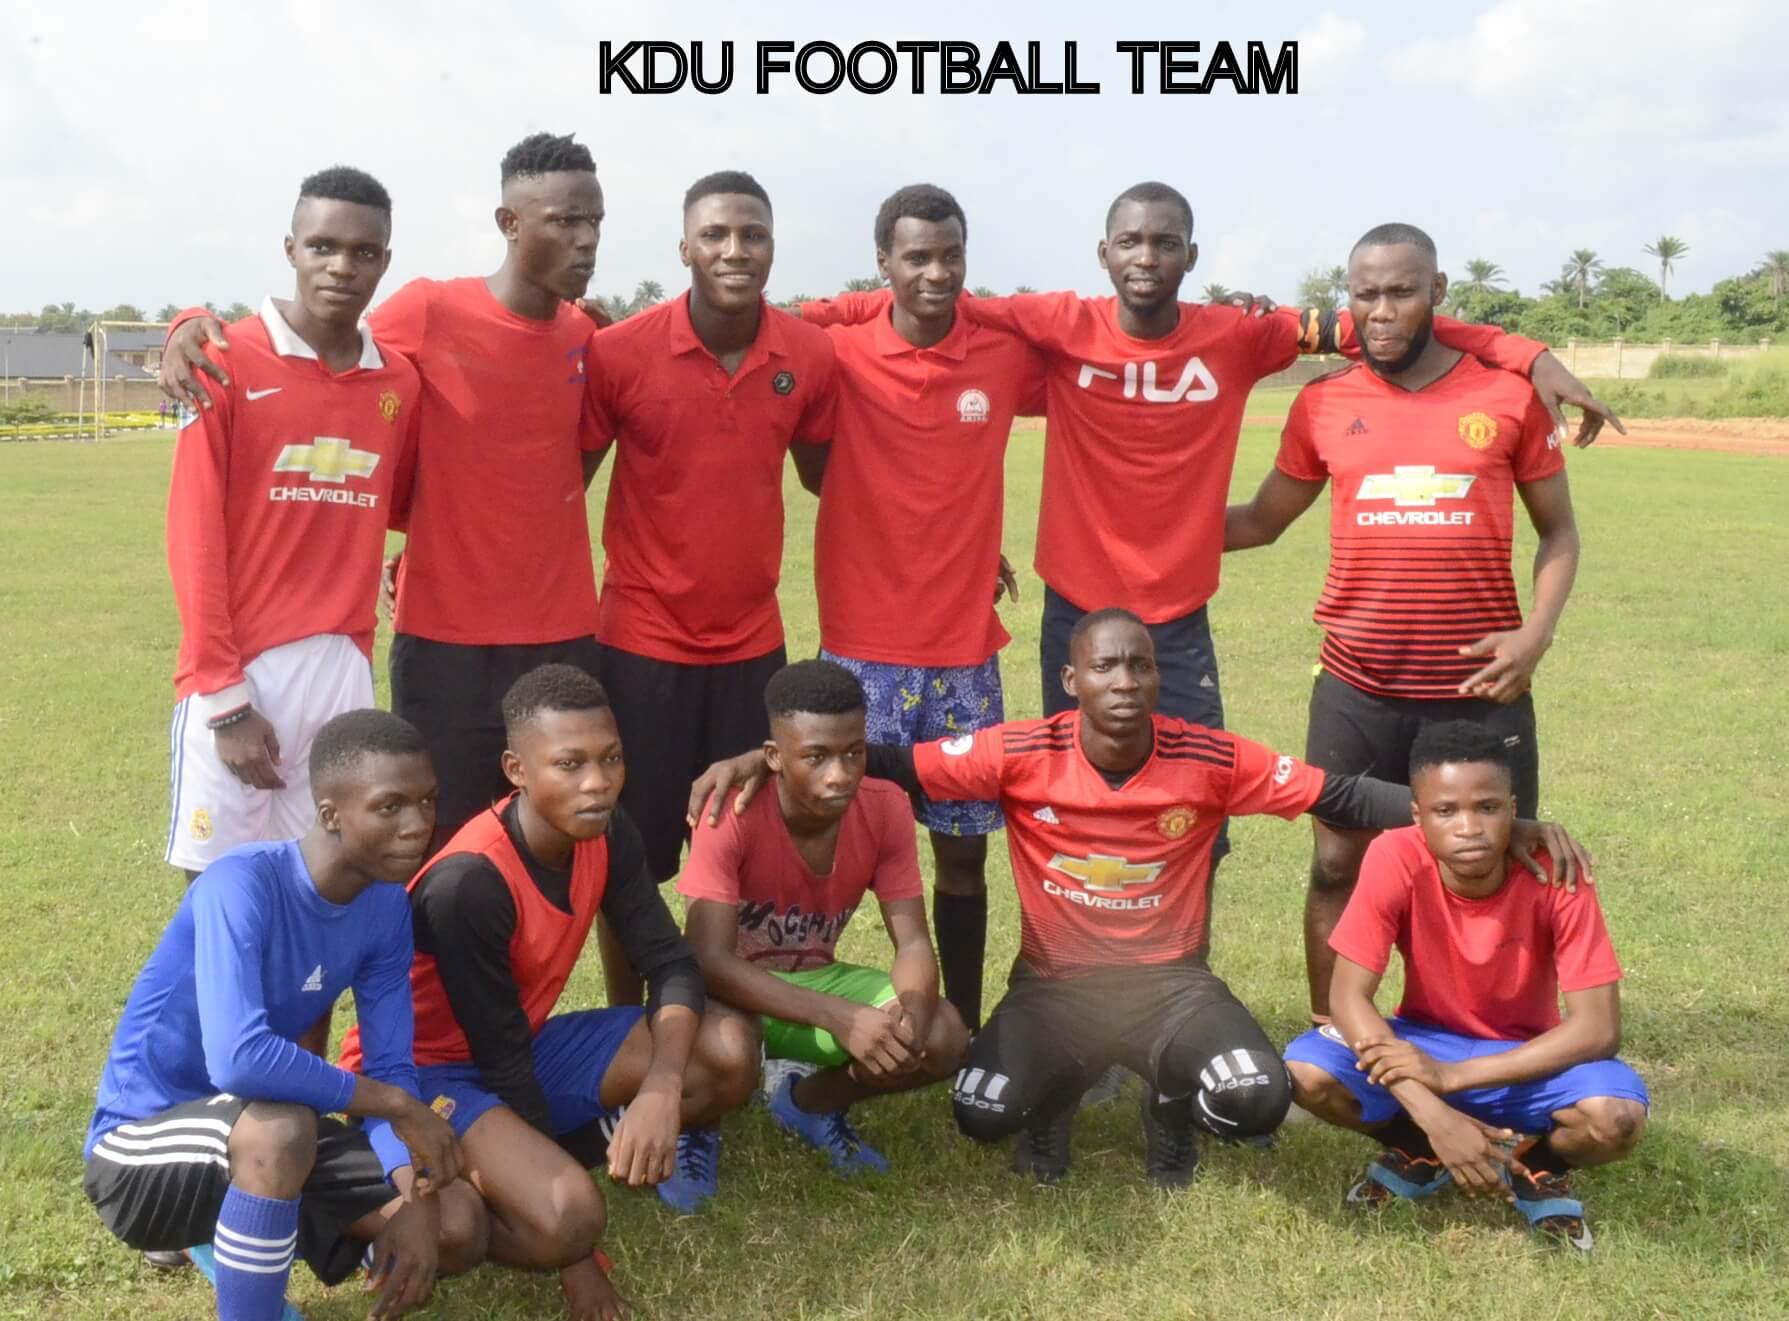 KDU-I FOOTBALL TEAM